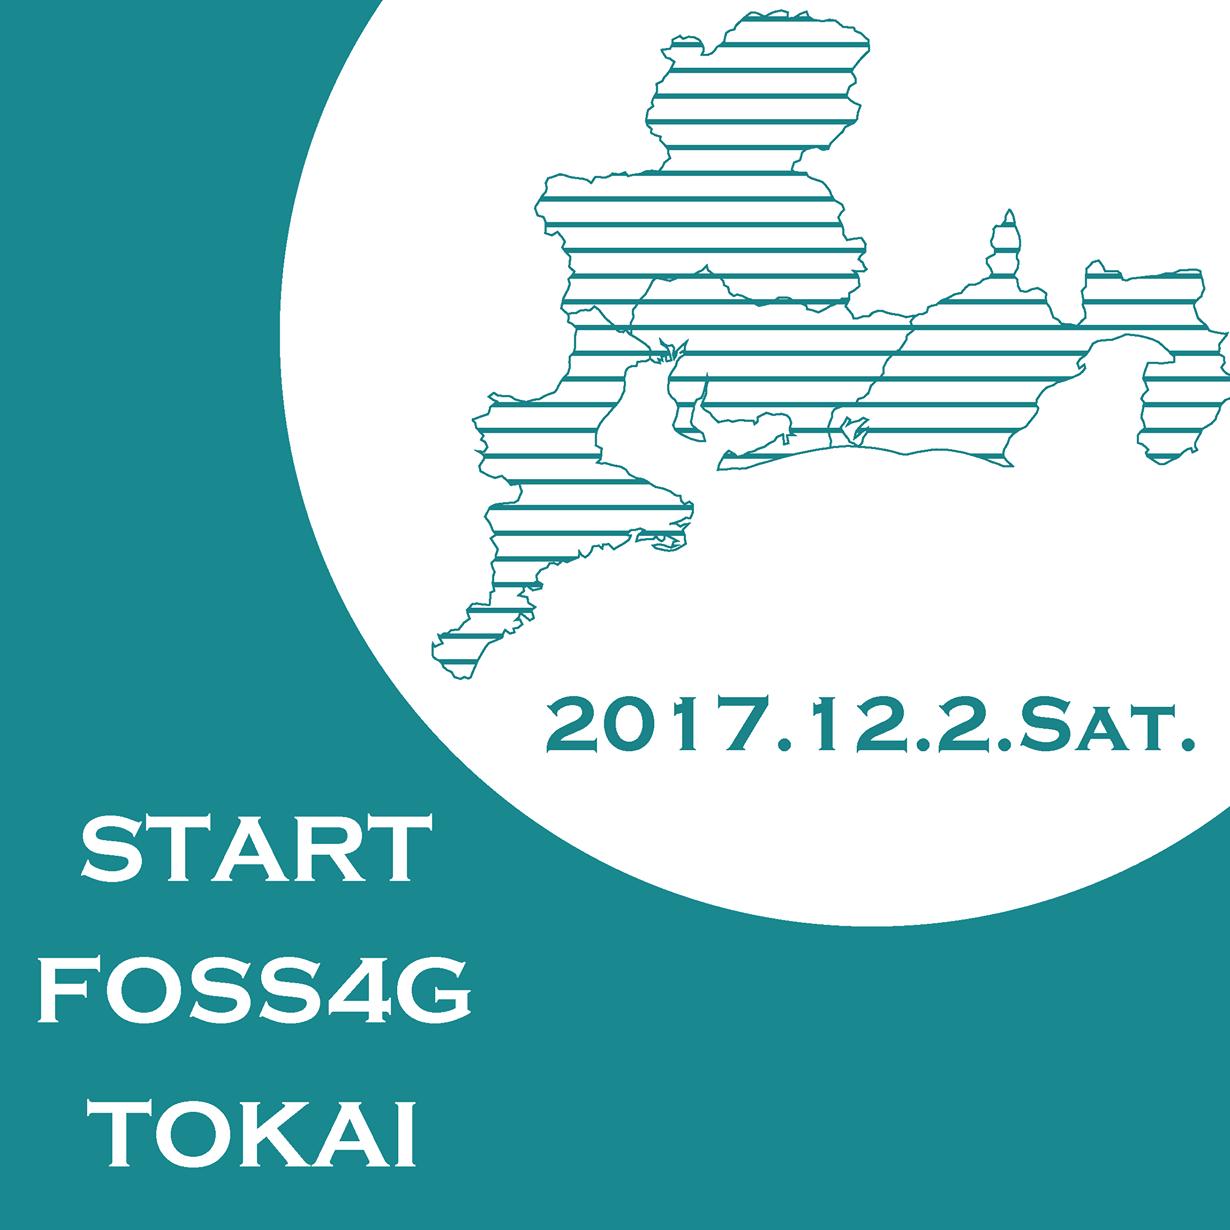 FOSS4G Tokai 2017/12/02